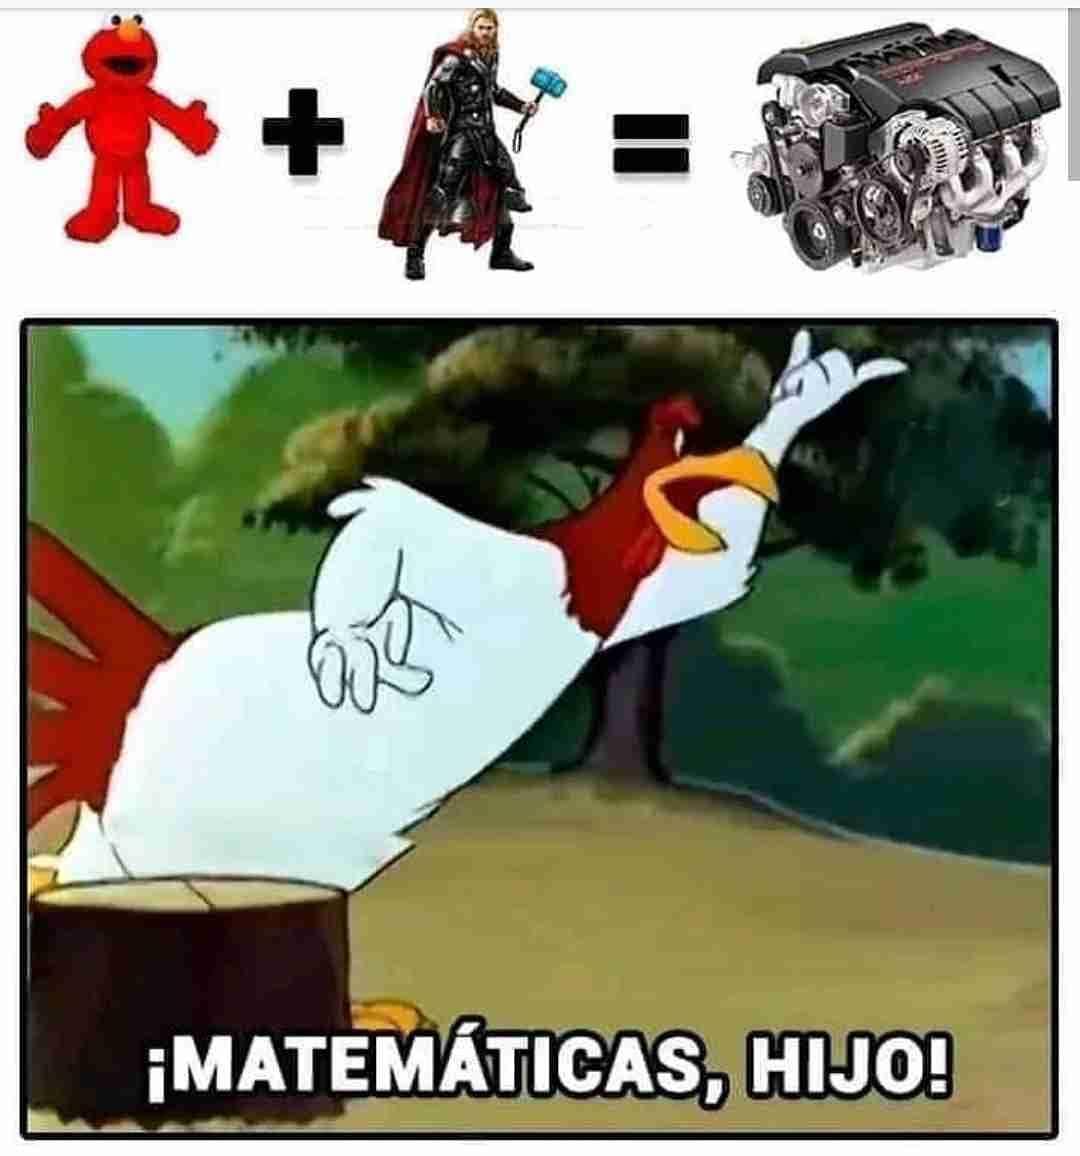 ¡Matemáticas, hijo!